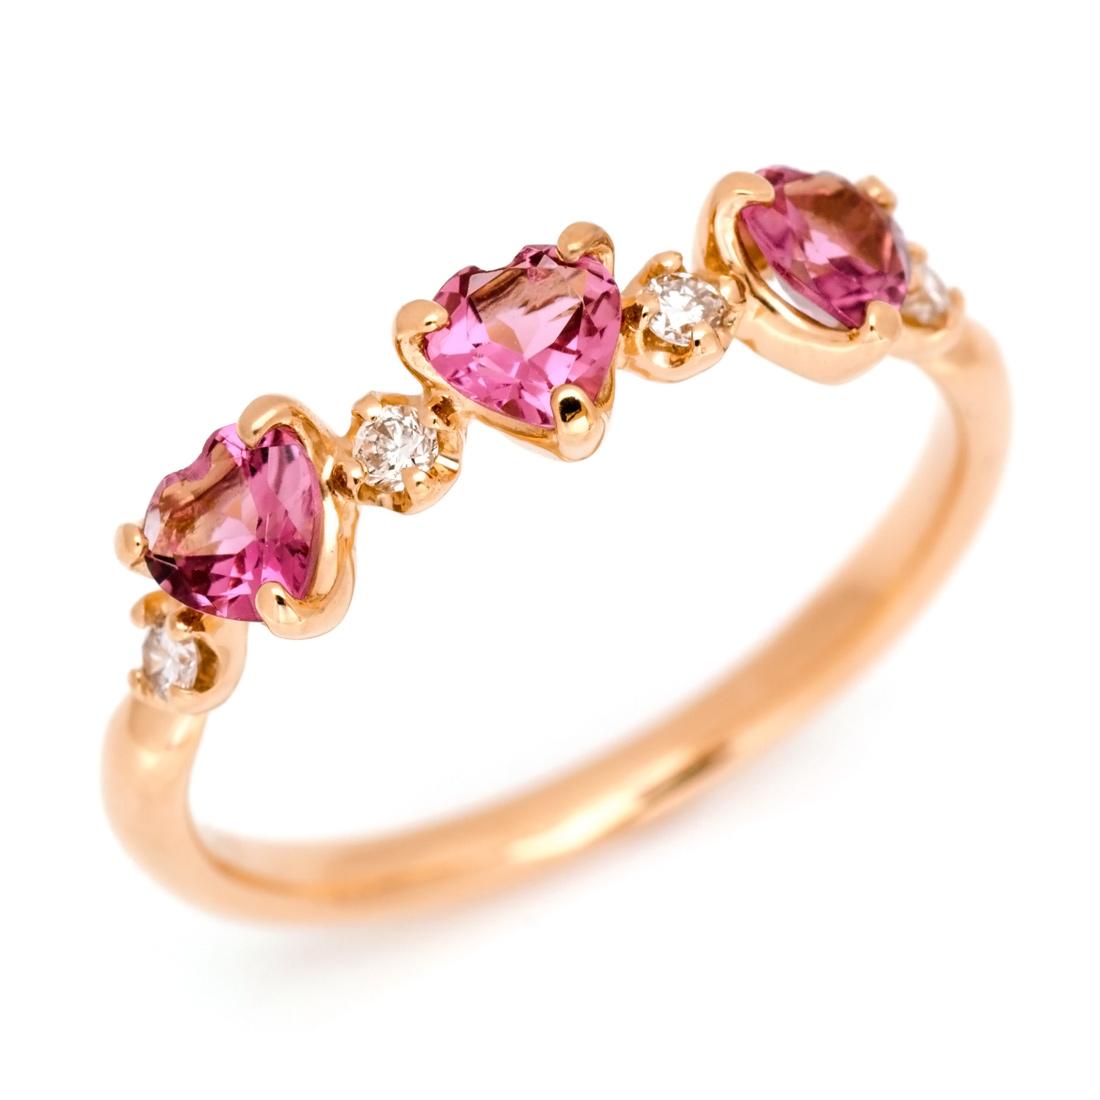 【GWクーポン配布中】K18 ピンクトルマリン ダイヤモンド ハート リング 「carino」送料無料 指輪 18K 18金 ゴールド ダイアモンド 10月誕生石 誕生日 文字入れ 刻印 ピンキーリング対応可能 メッセージ ギフト 贈り物